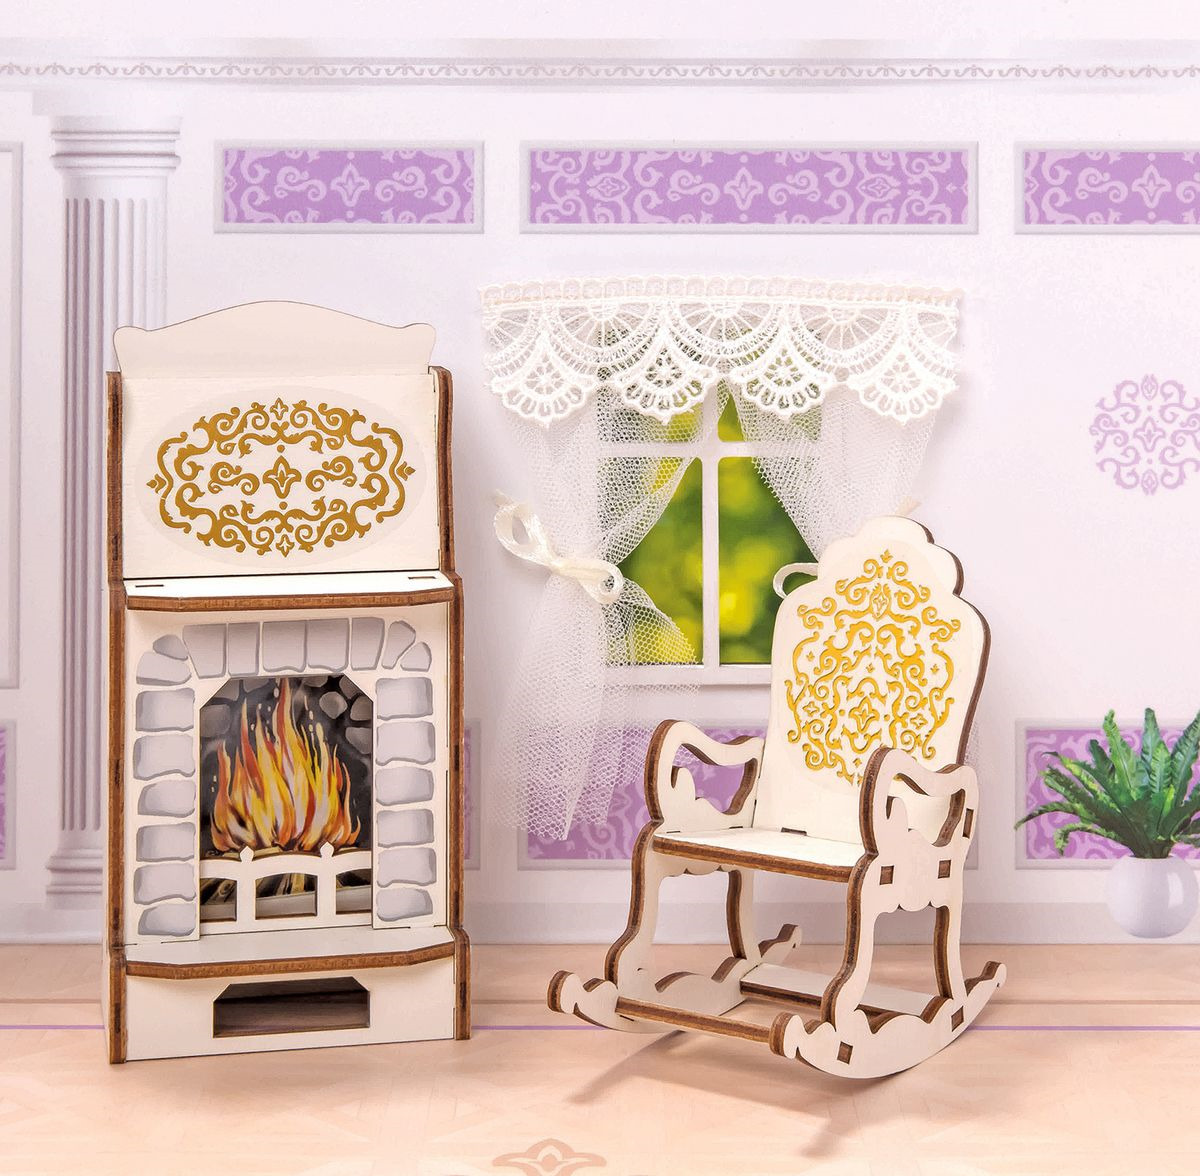 """Мебель для кукол ЯиГрушка """"Камин и кресло-качалка"""", 59790"""